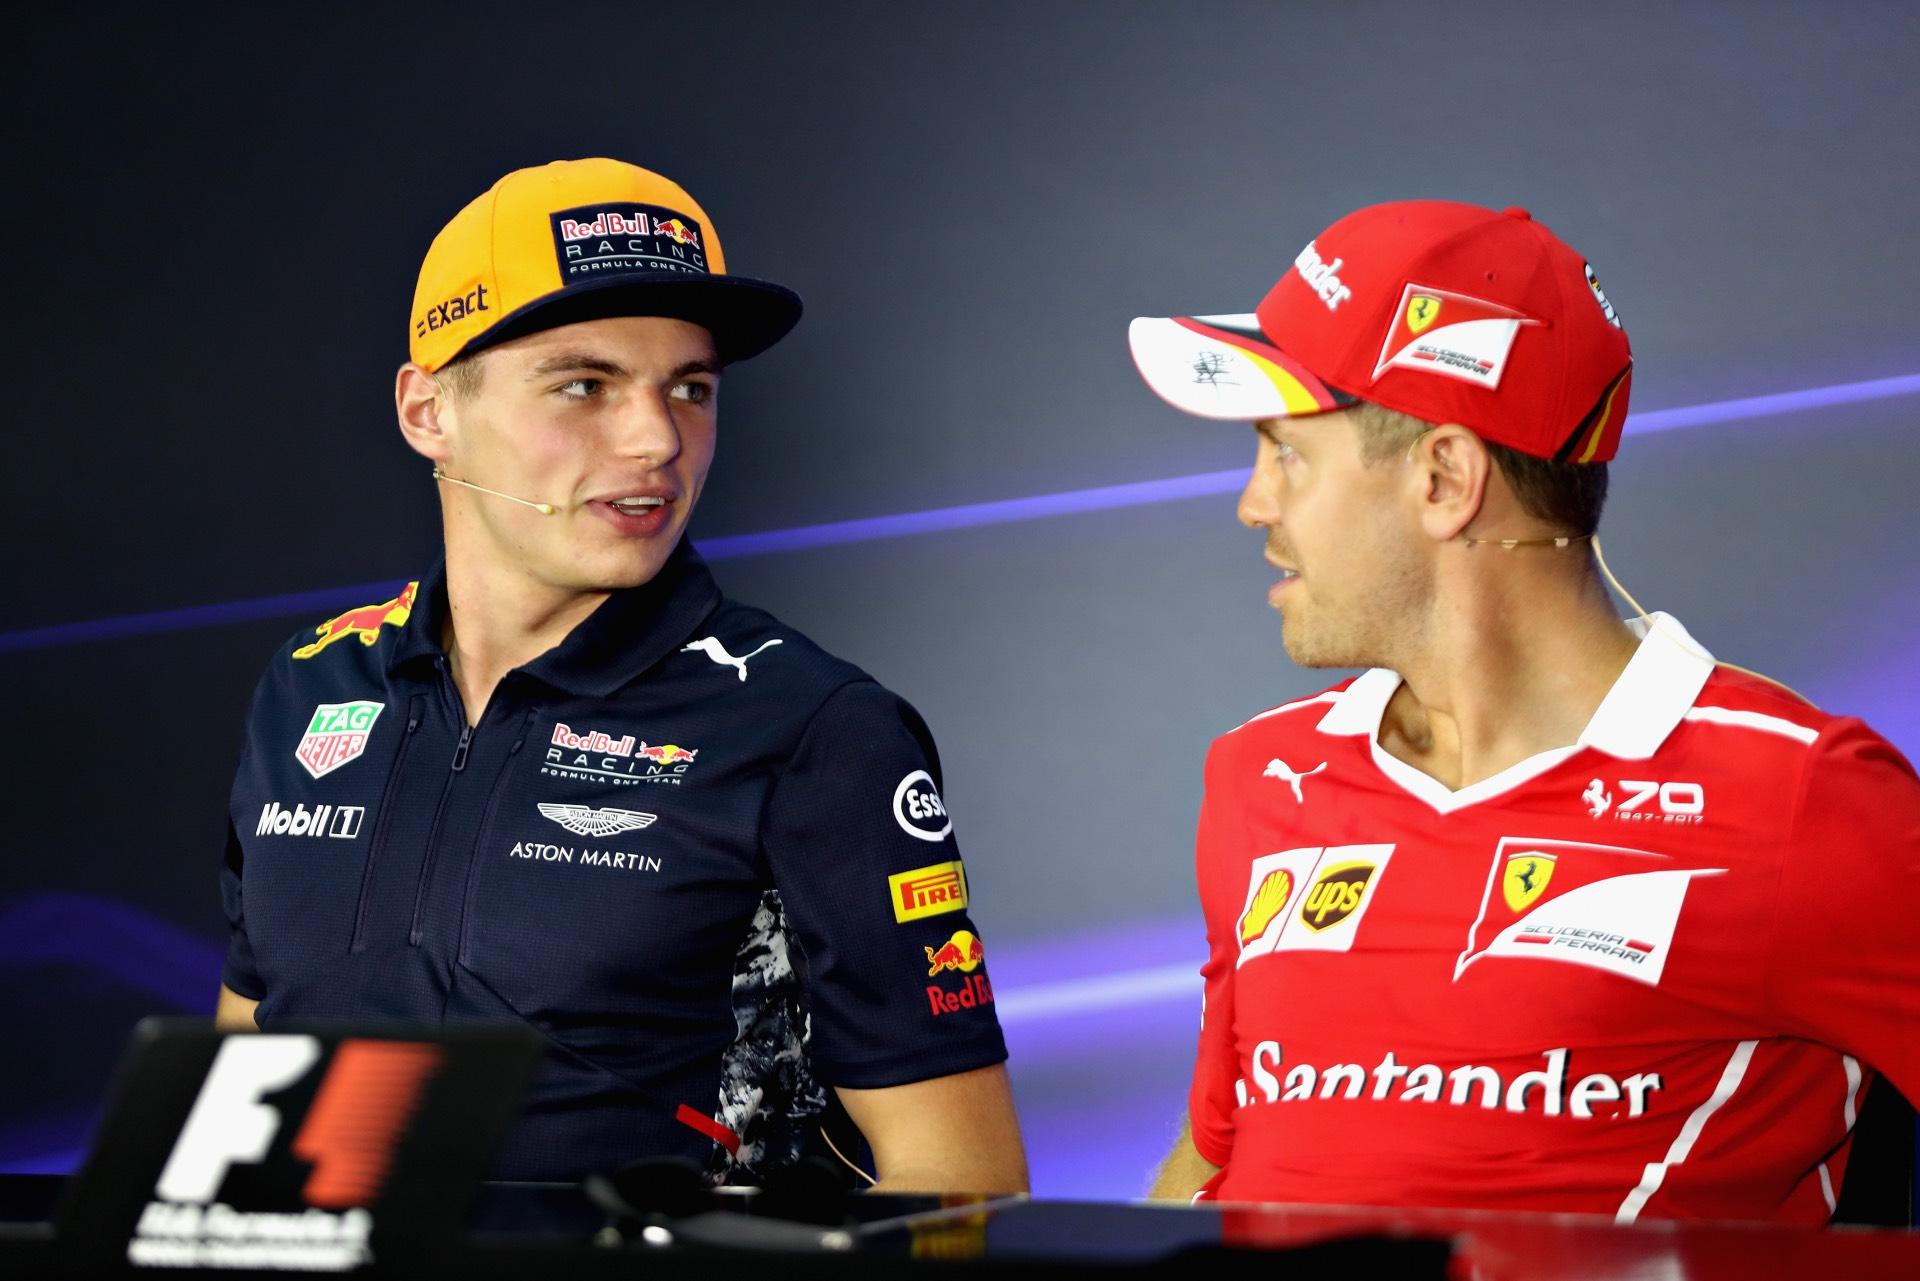 F1 Grand Prix of Malaysia - Previews